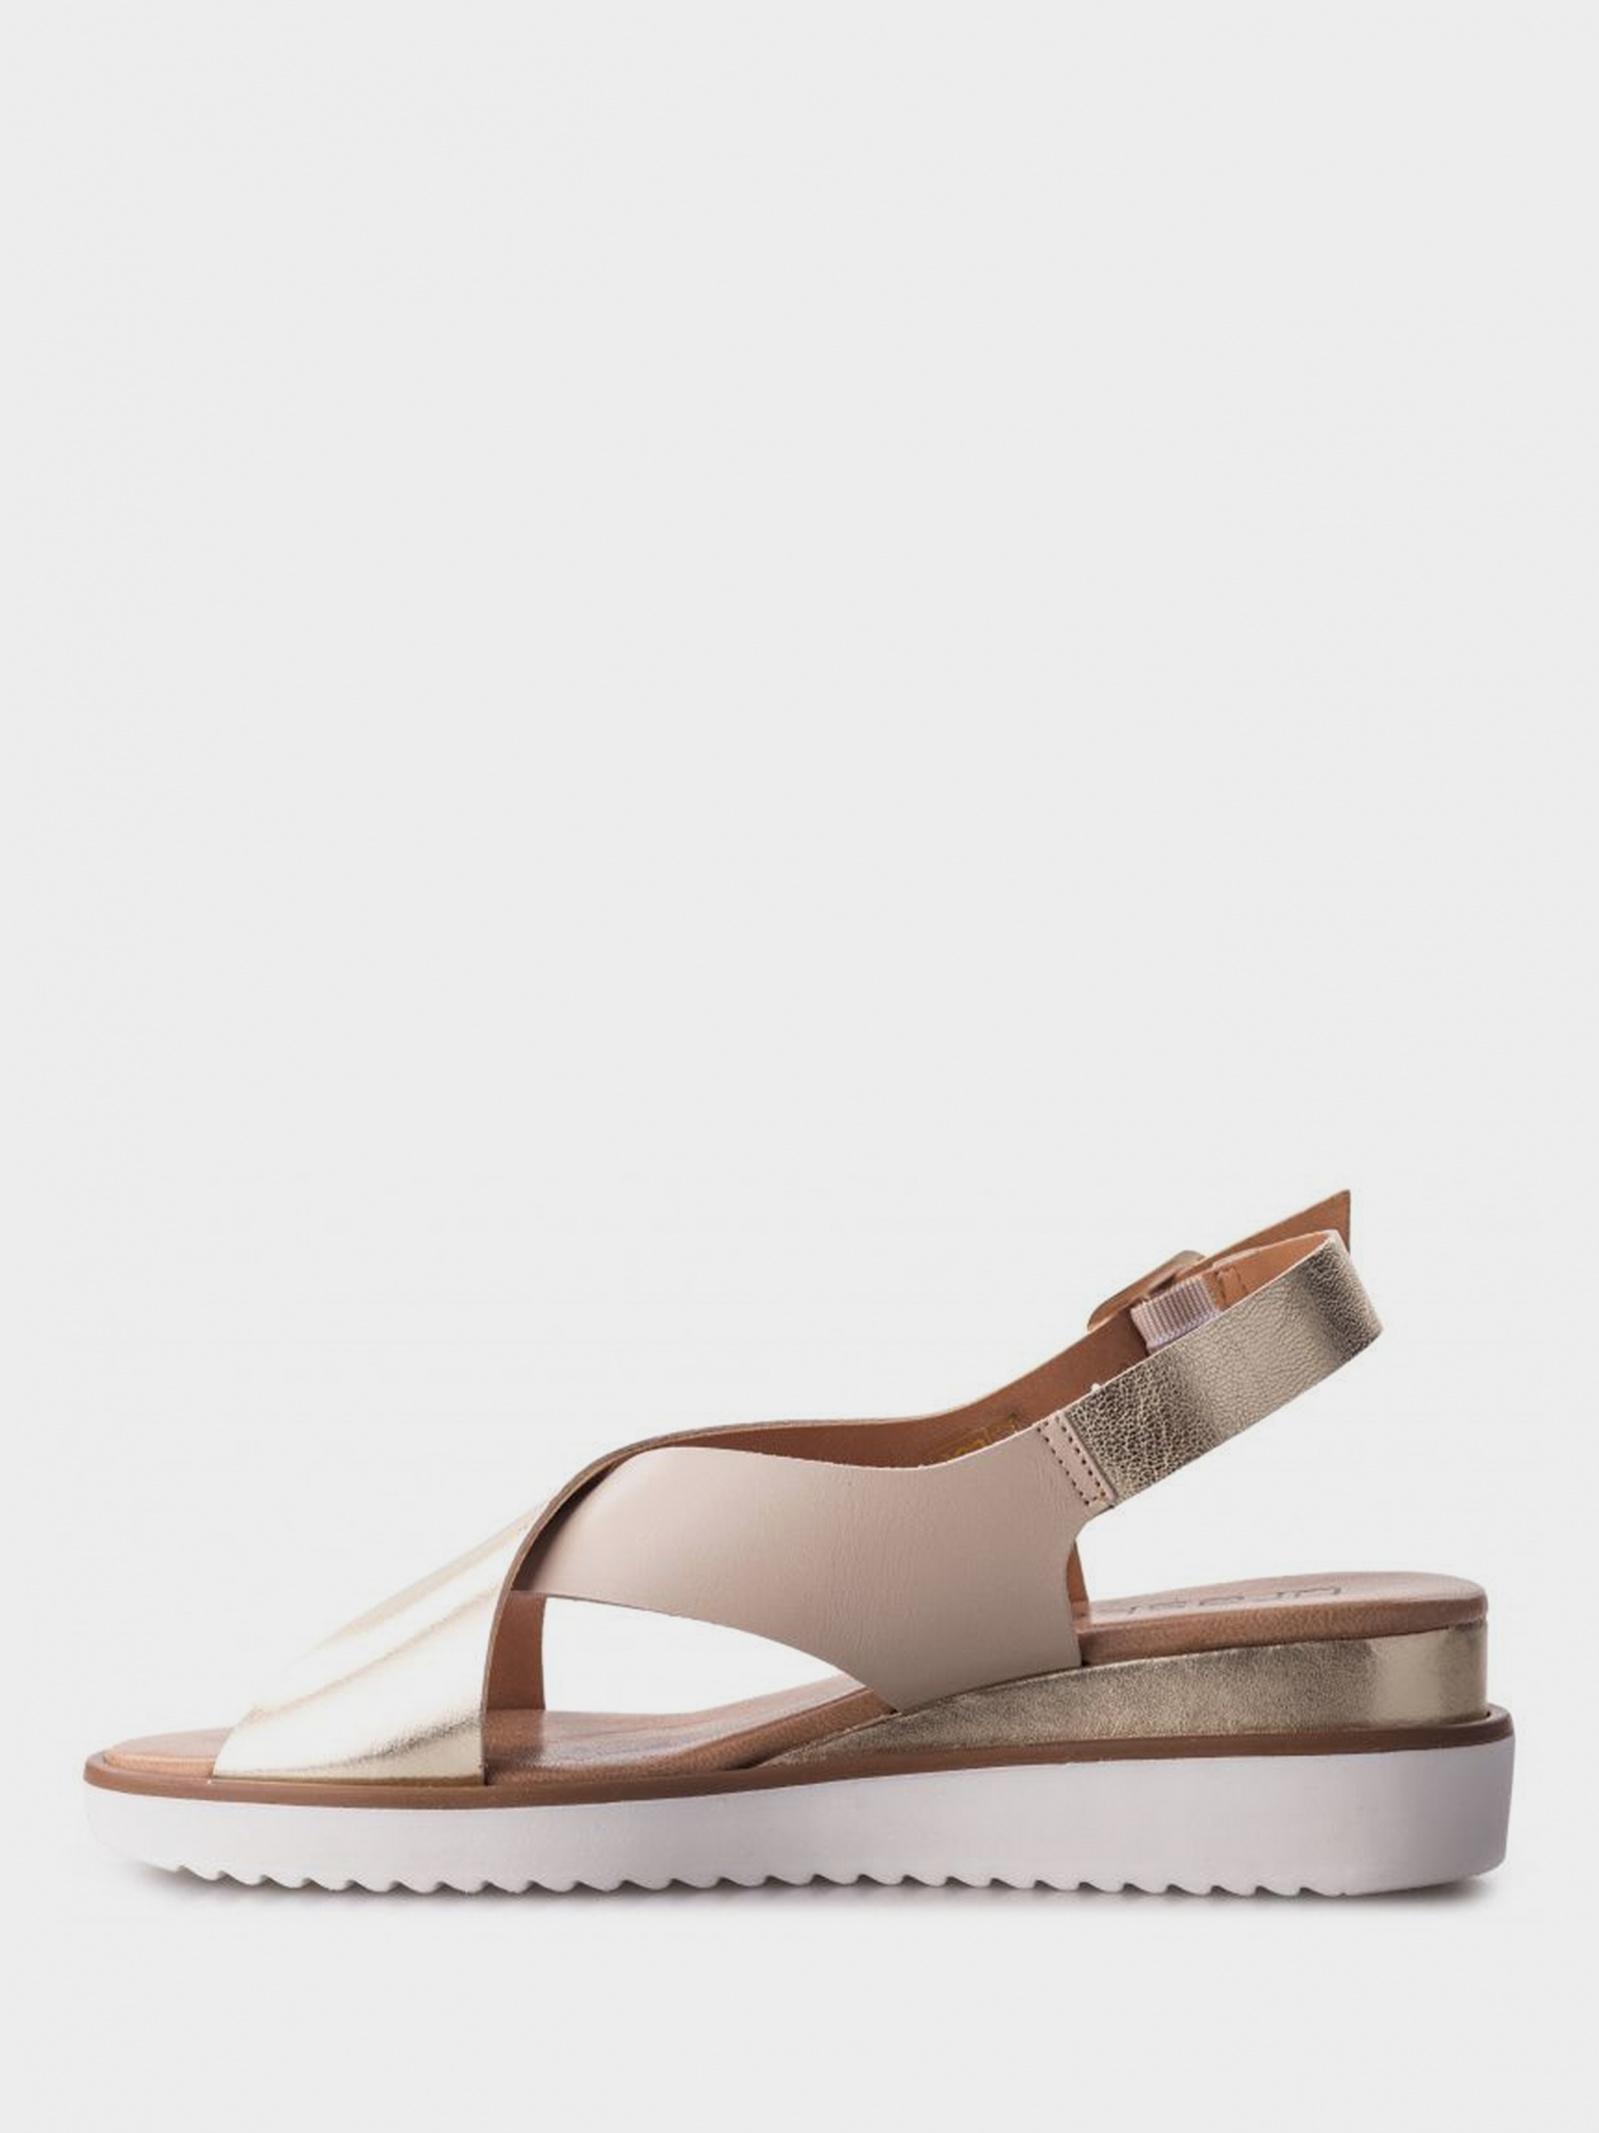 Босоніжки  для жінок Braska 911-6522/178 брендове взуття, 2017